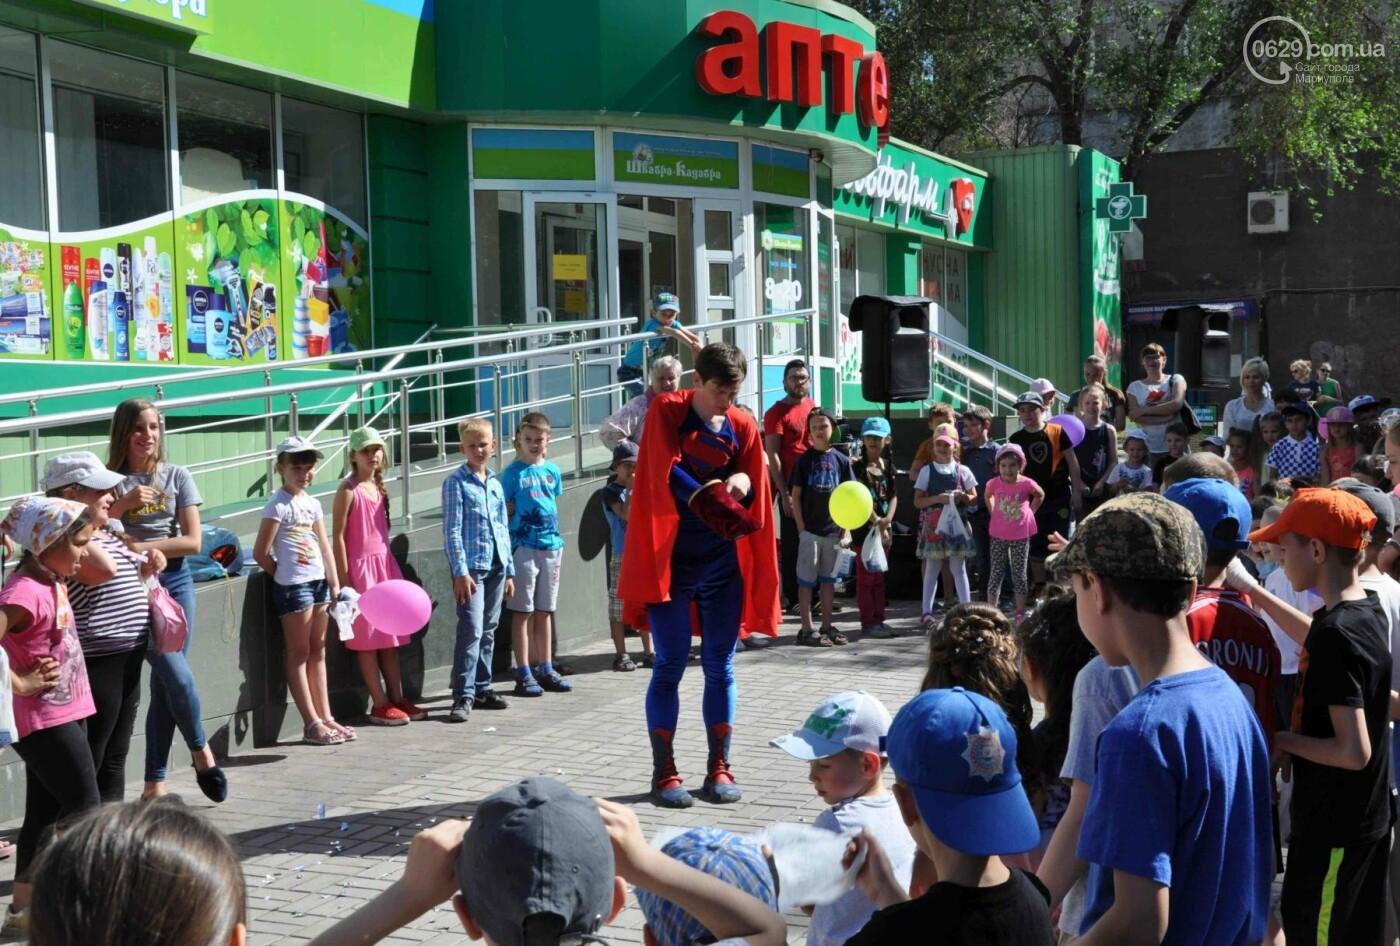 В аптеке «Азовфарм» провели праздник для детей и разыграли призы, фото-27